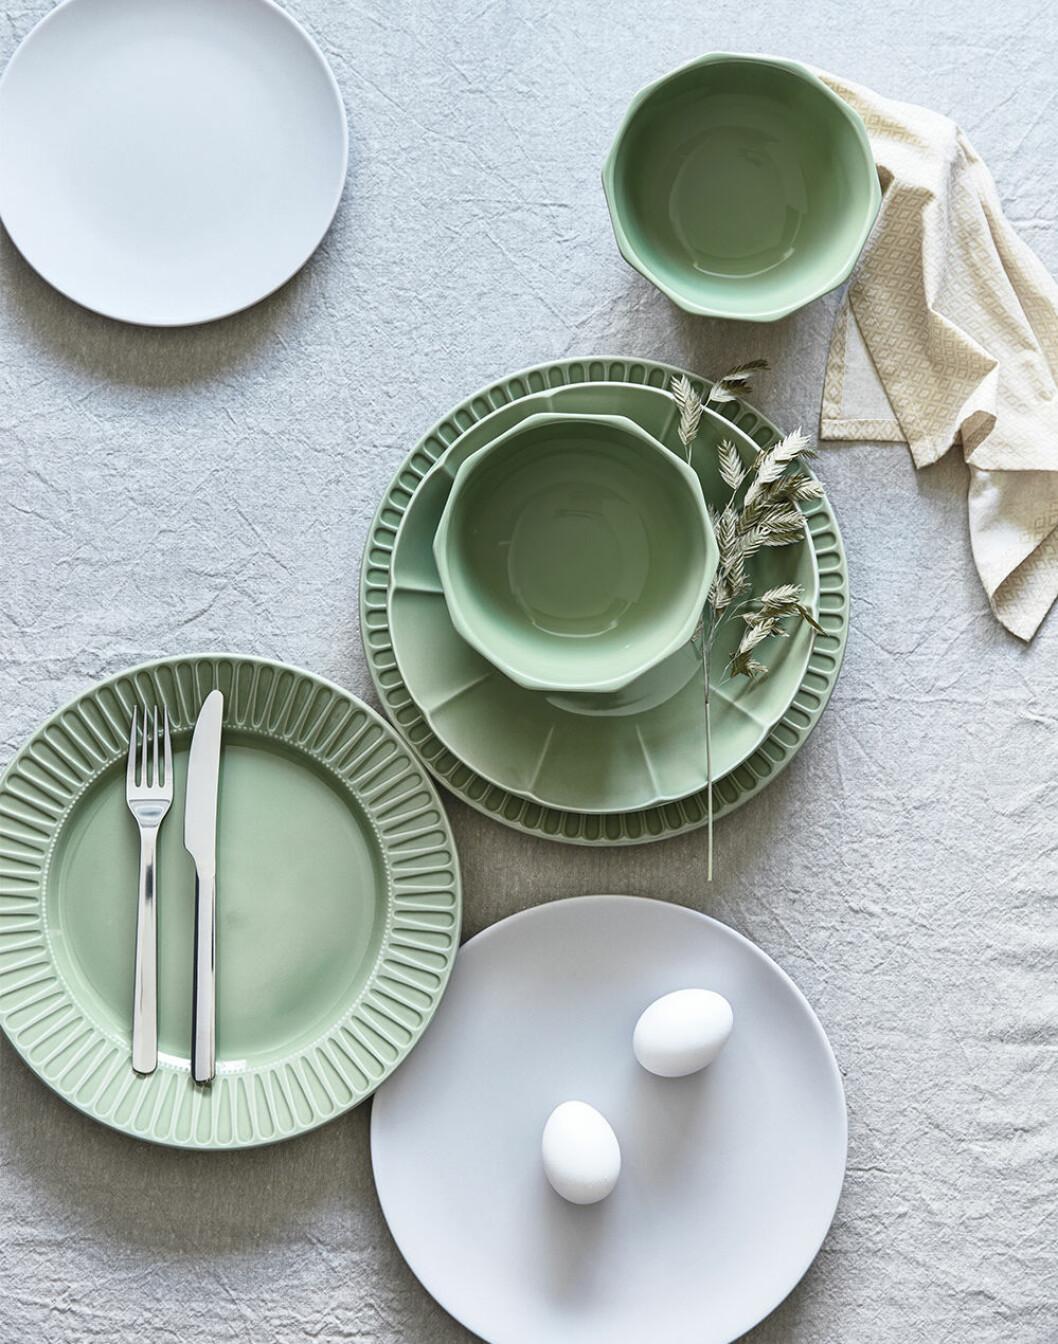 Grönt porslin från Ikea våren 2020